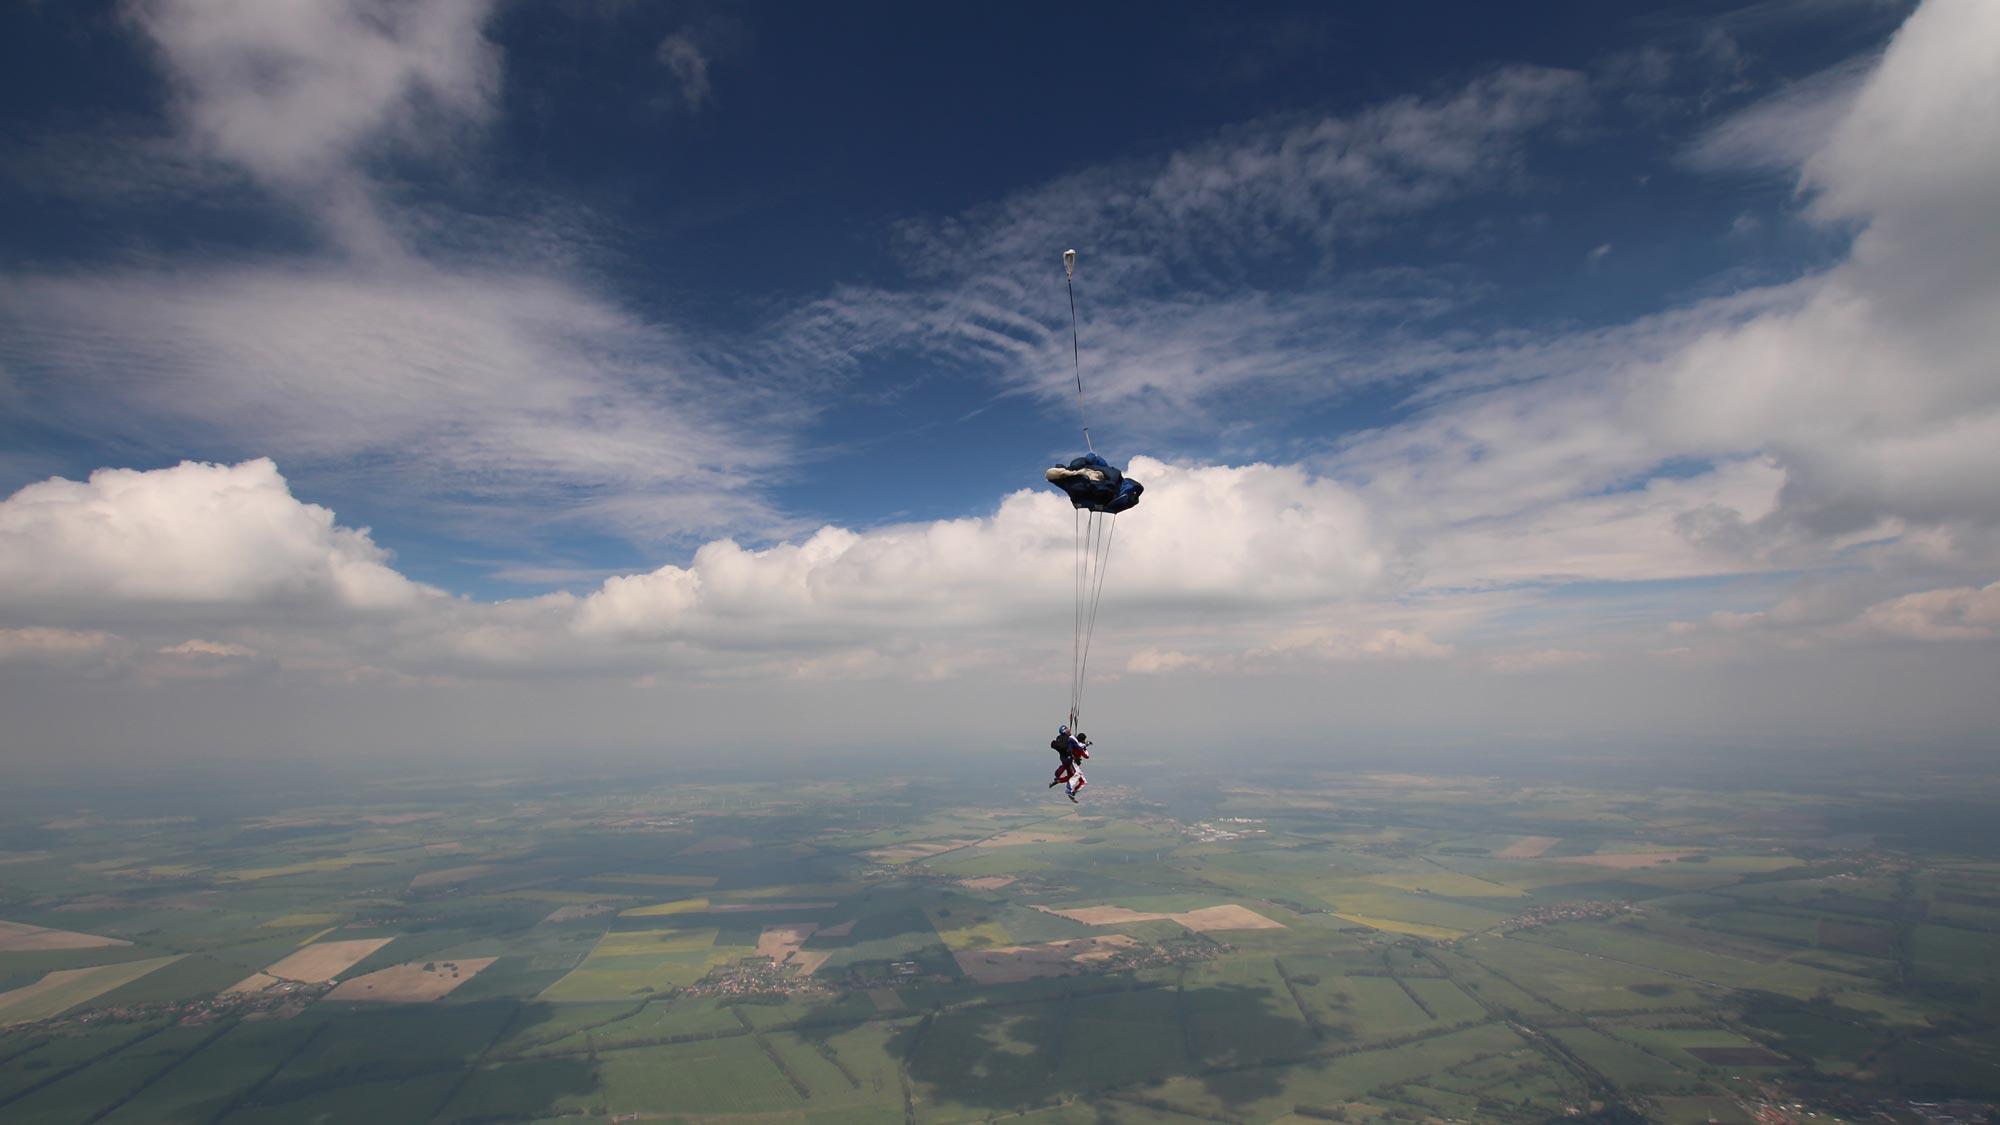 VOTUM Mitarbeiter beim Team Event: Foto vom Tandemsprung bei TAKE OFF - tolle Aussicht über Landschaft